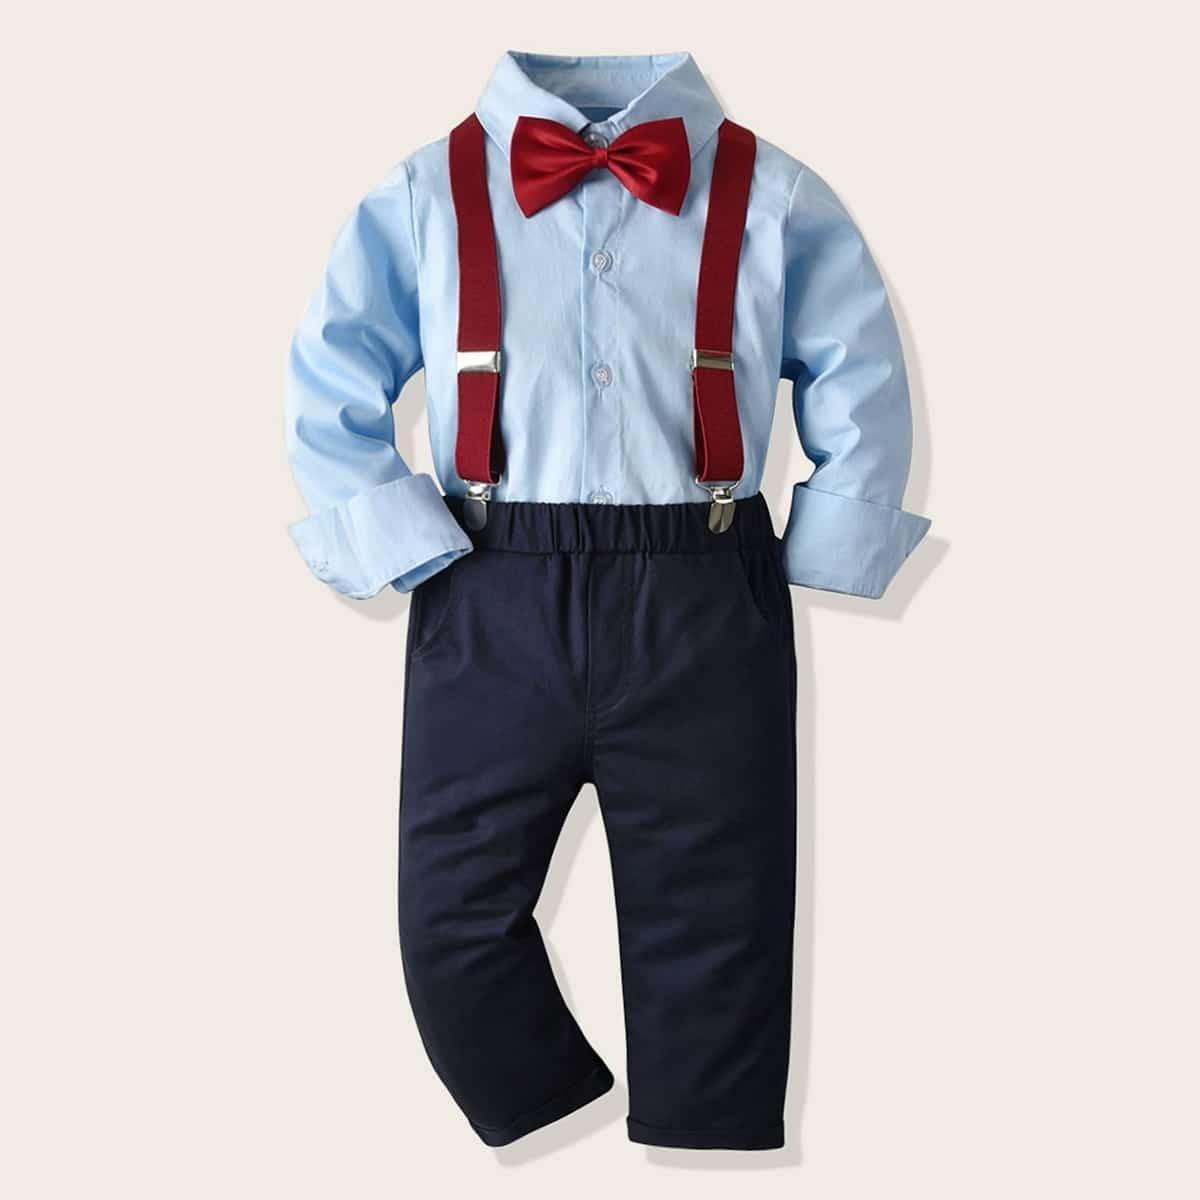 Рубашка с воротником-бантом и брюки с подтяжками для мальчиков от SHEIN